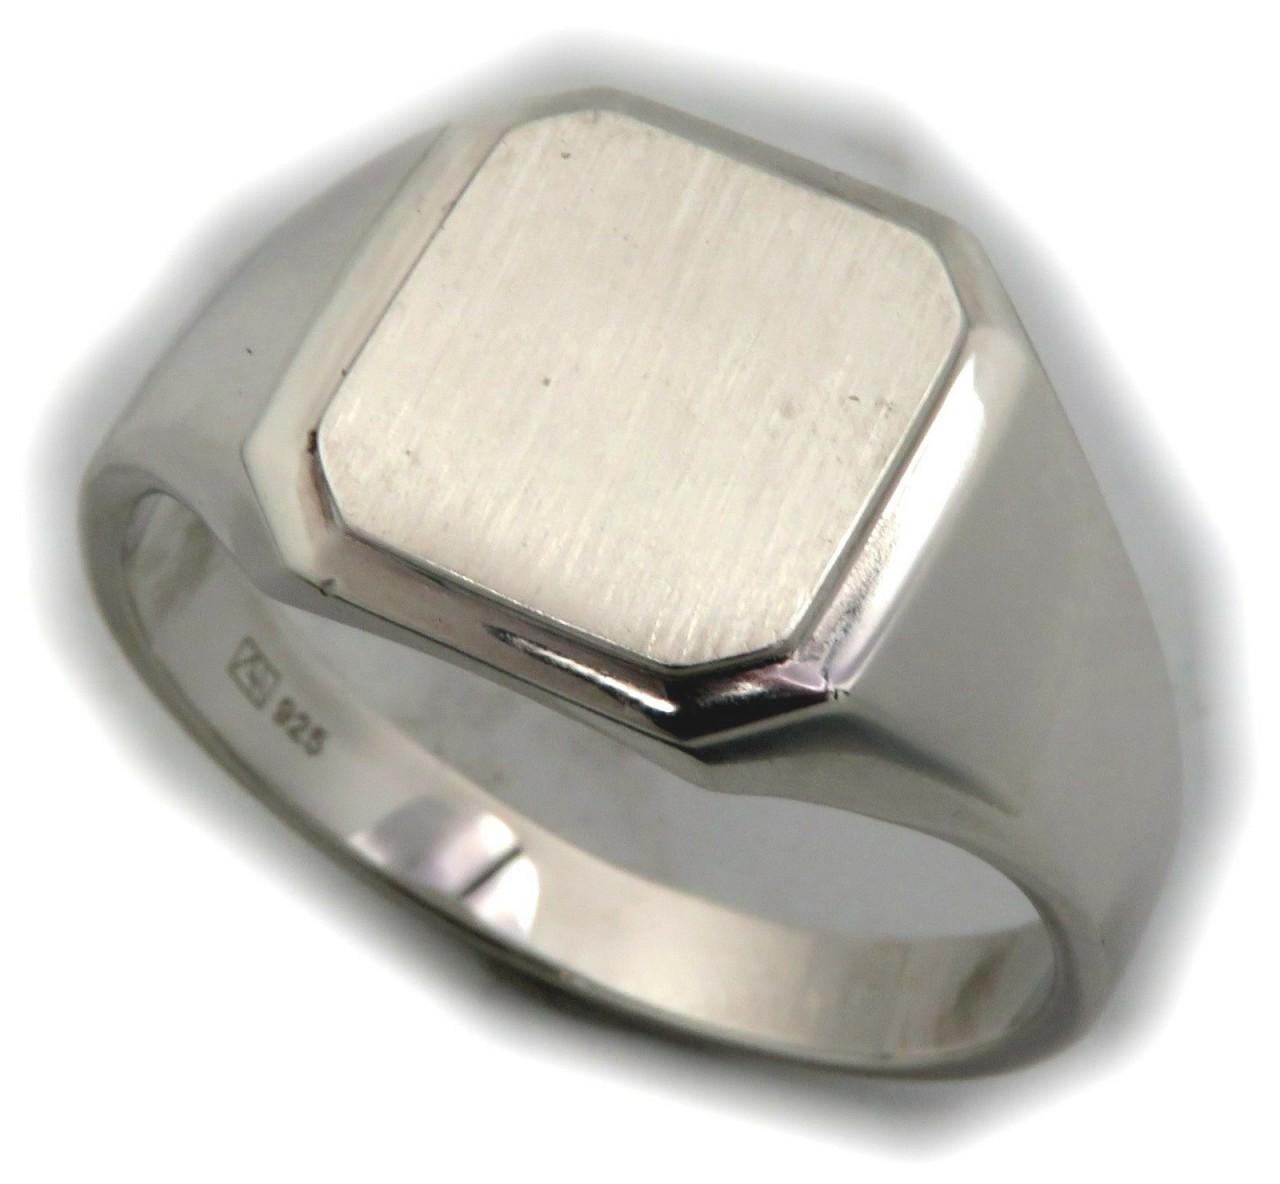 Neu Herren Ring Silber 925 mit Monogrammgravur Sterlingsilber Achteck Siegelring